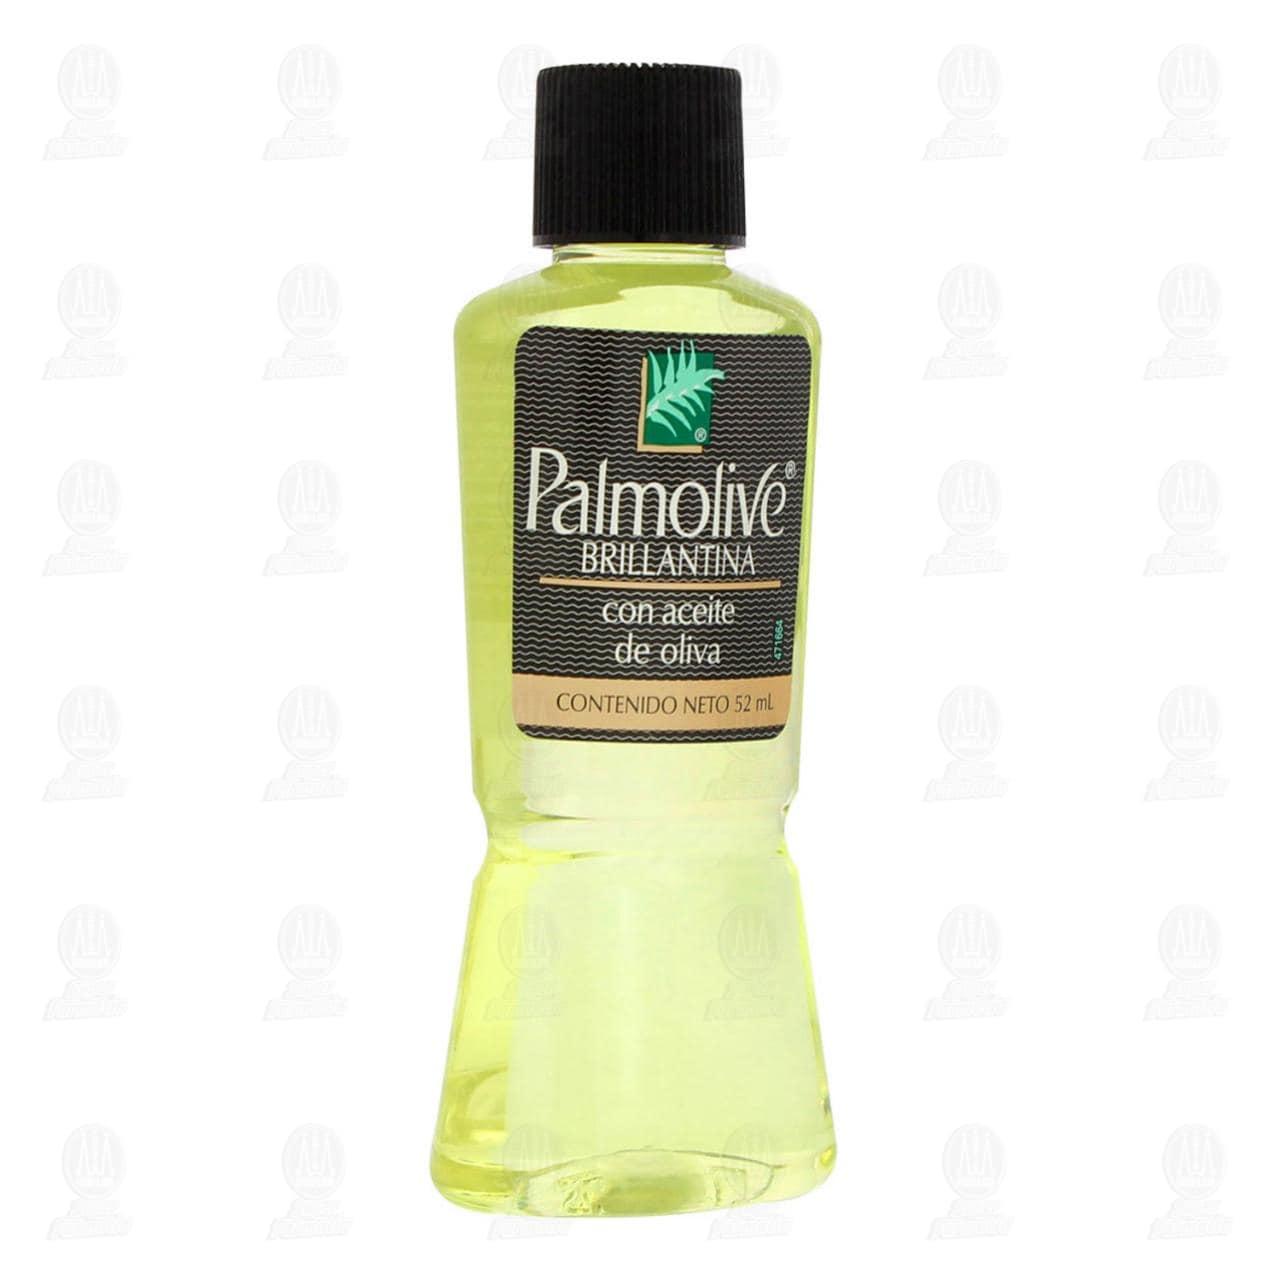 Comprar Brillantina Palmolive Aceite de Oliva, 52 ml. en Farmacias Guadalajara